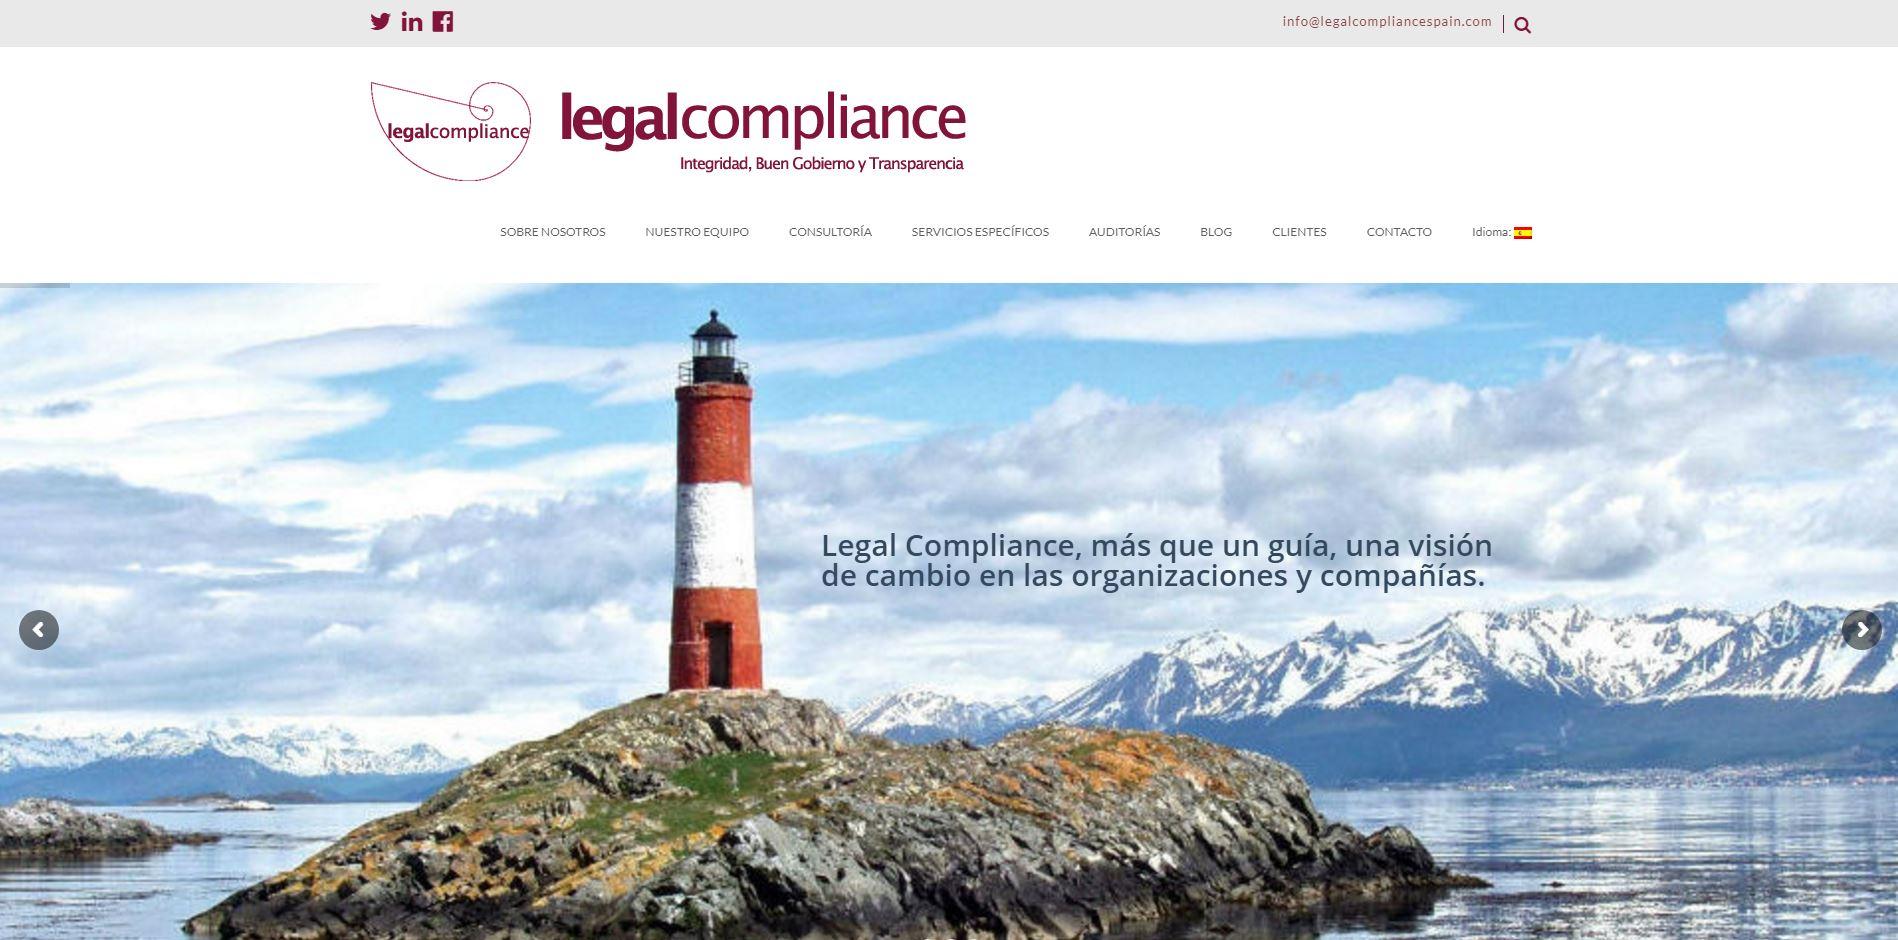 Legal Compliance - Buen Gobierno Corporativo, Riesgo Legal y Cumplimiento Normativo